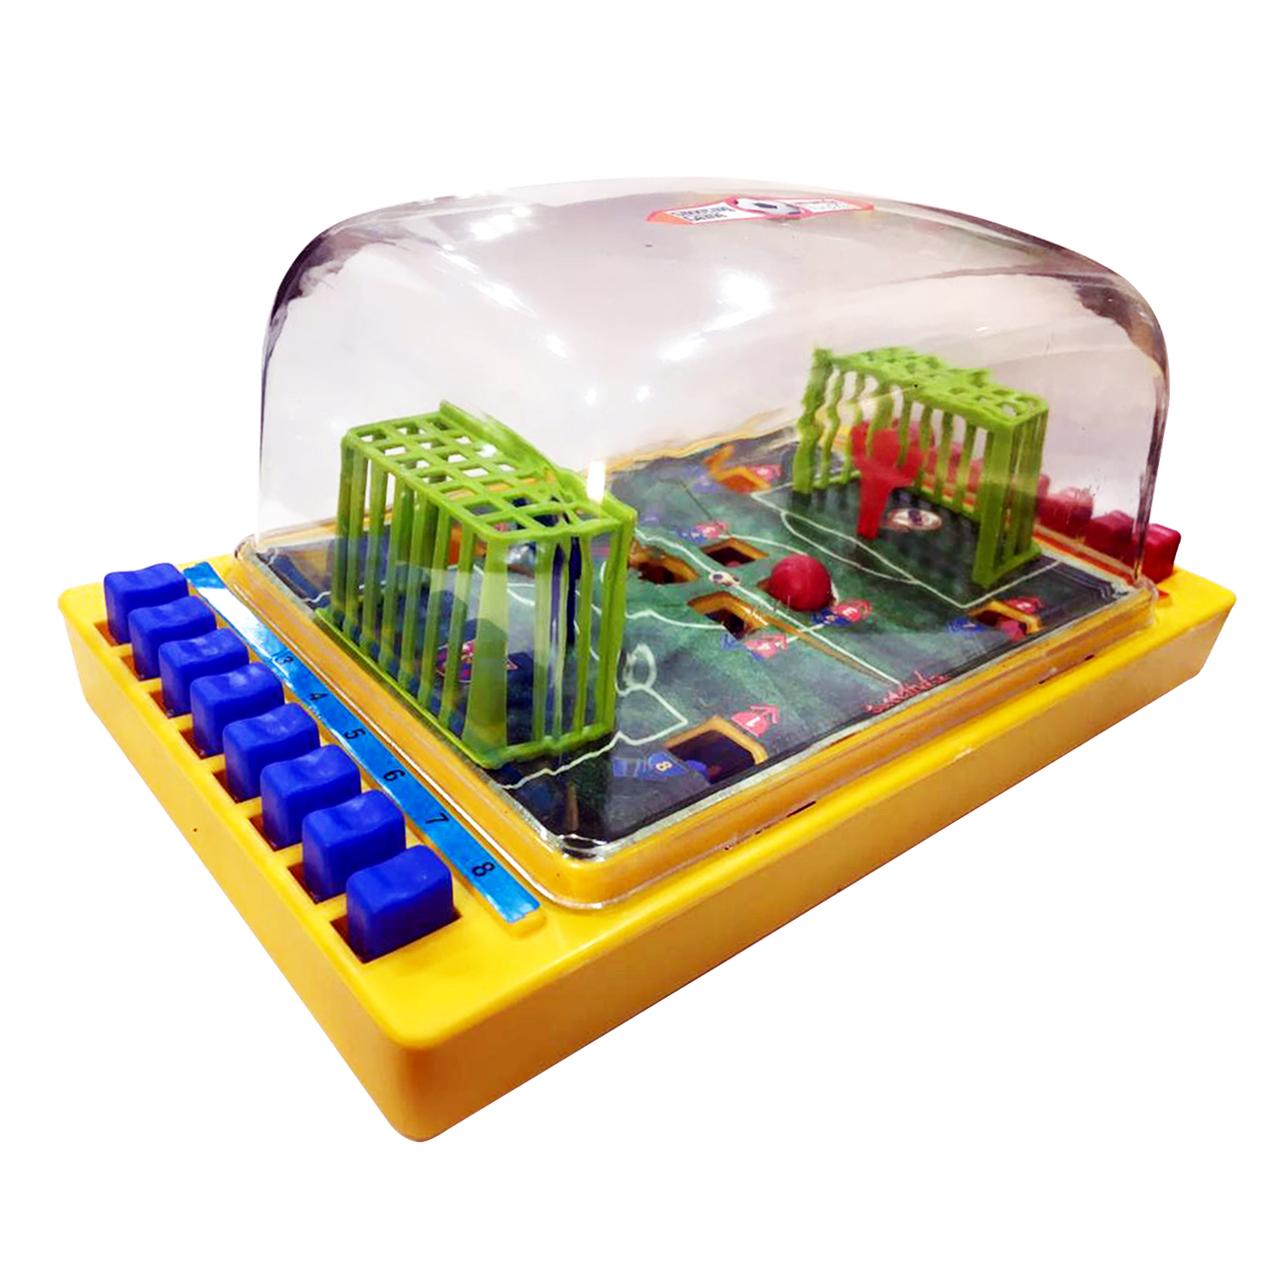 اسباب بازی آماندا مدل Mini football